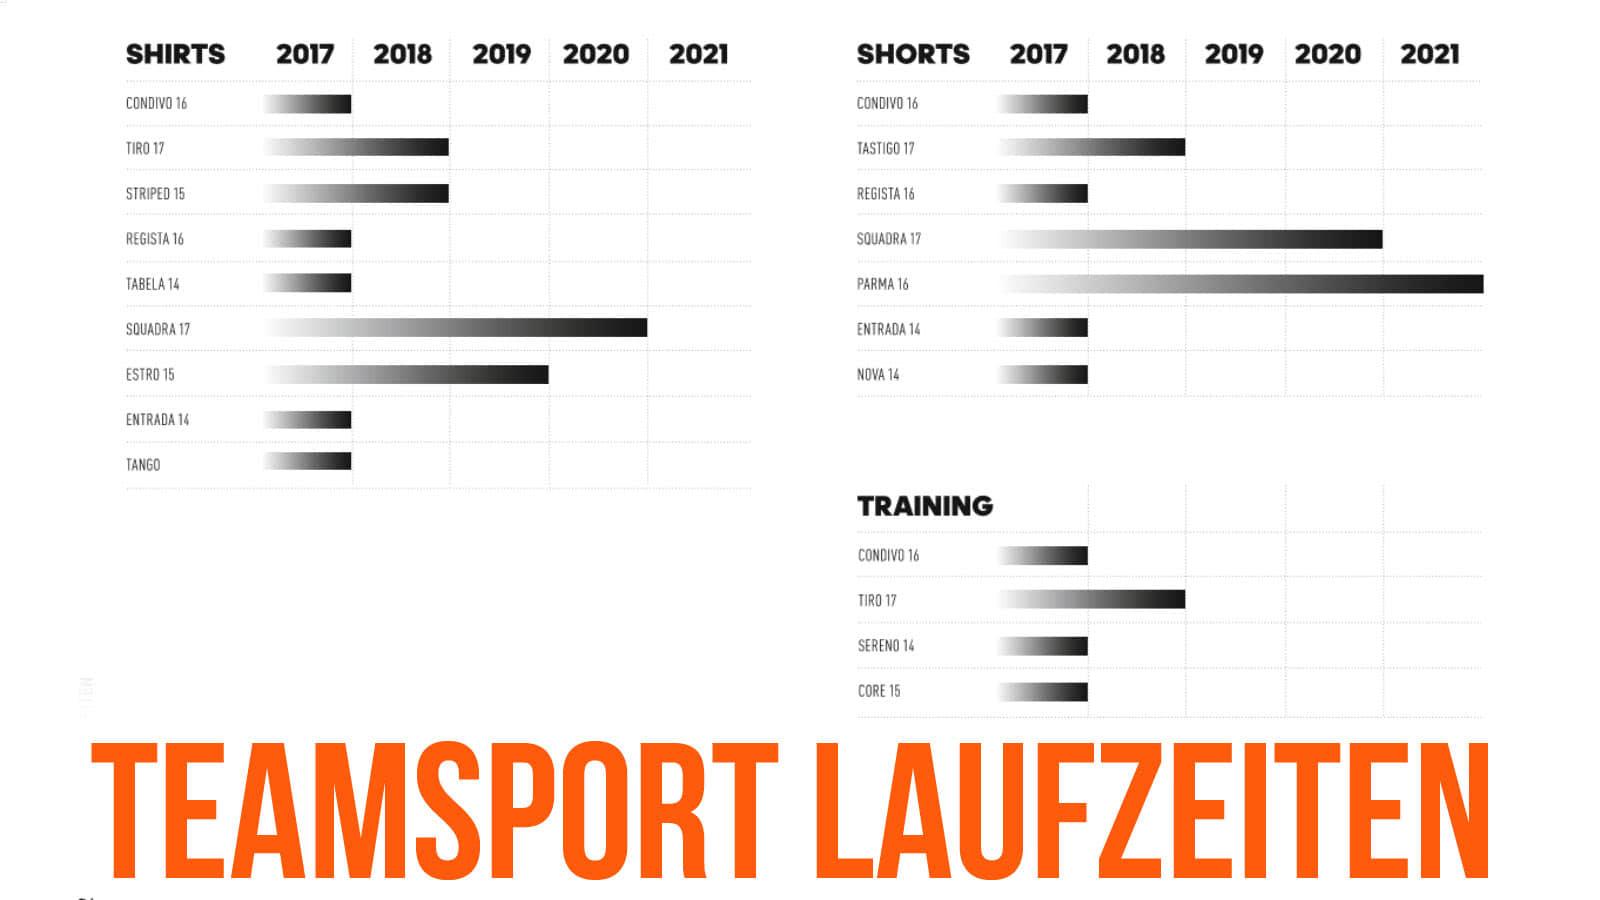 Die Adidas Katalog 2018 bis 2021 Laufzeiten für Trikots sowie Trainingsanzüge und Co